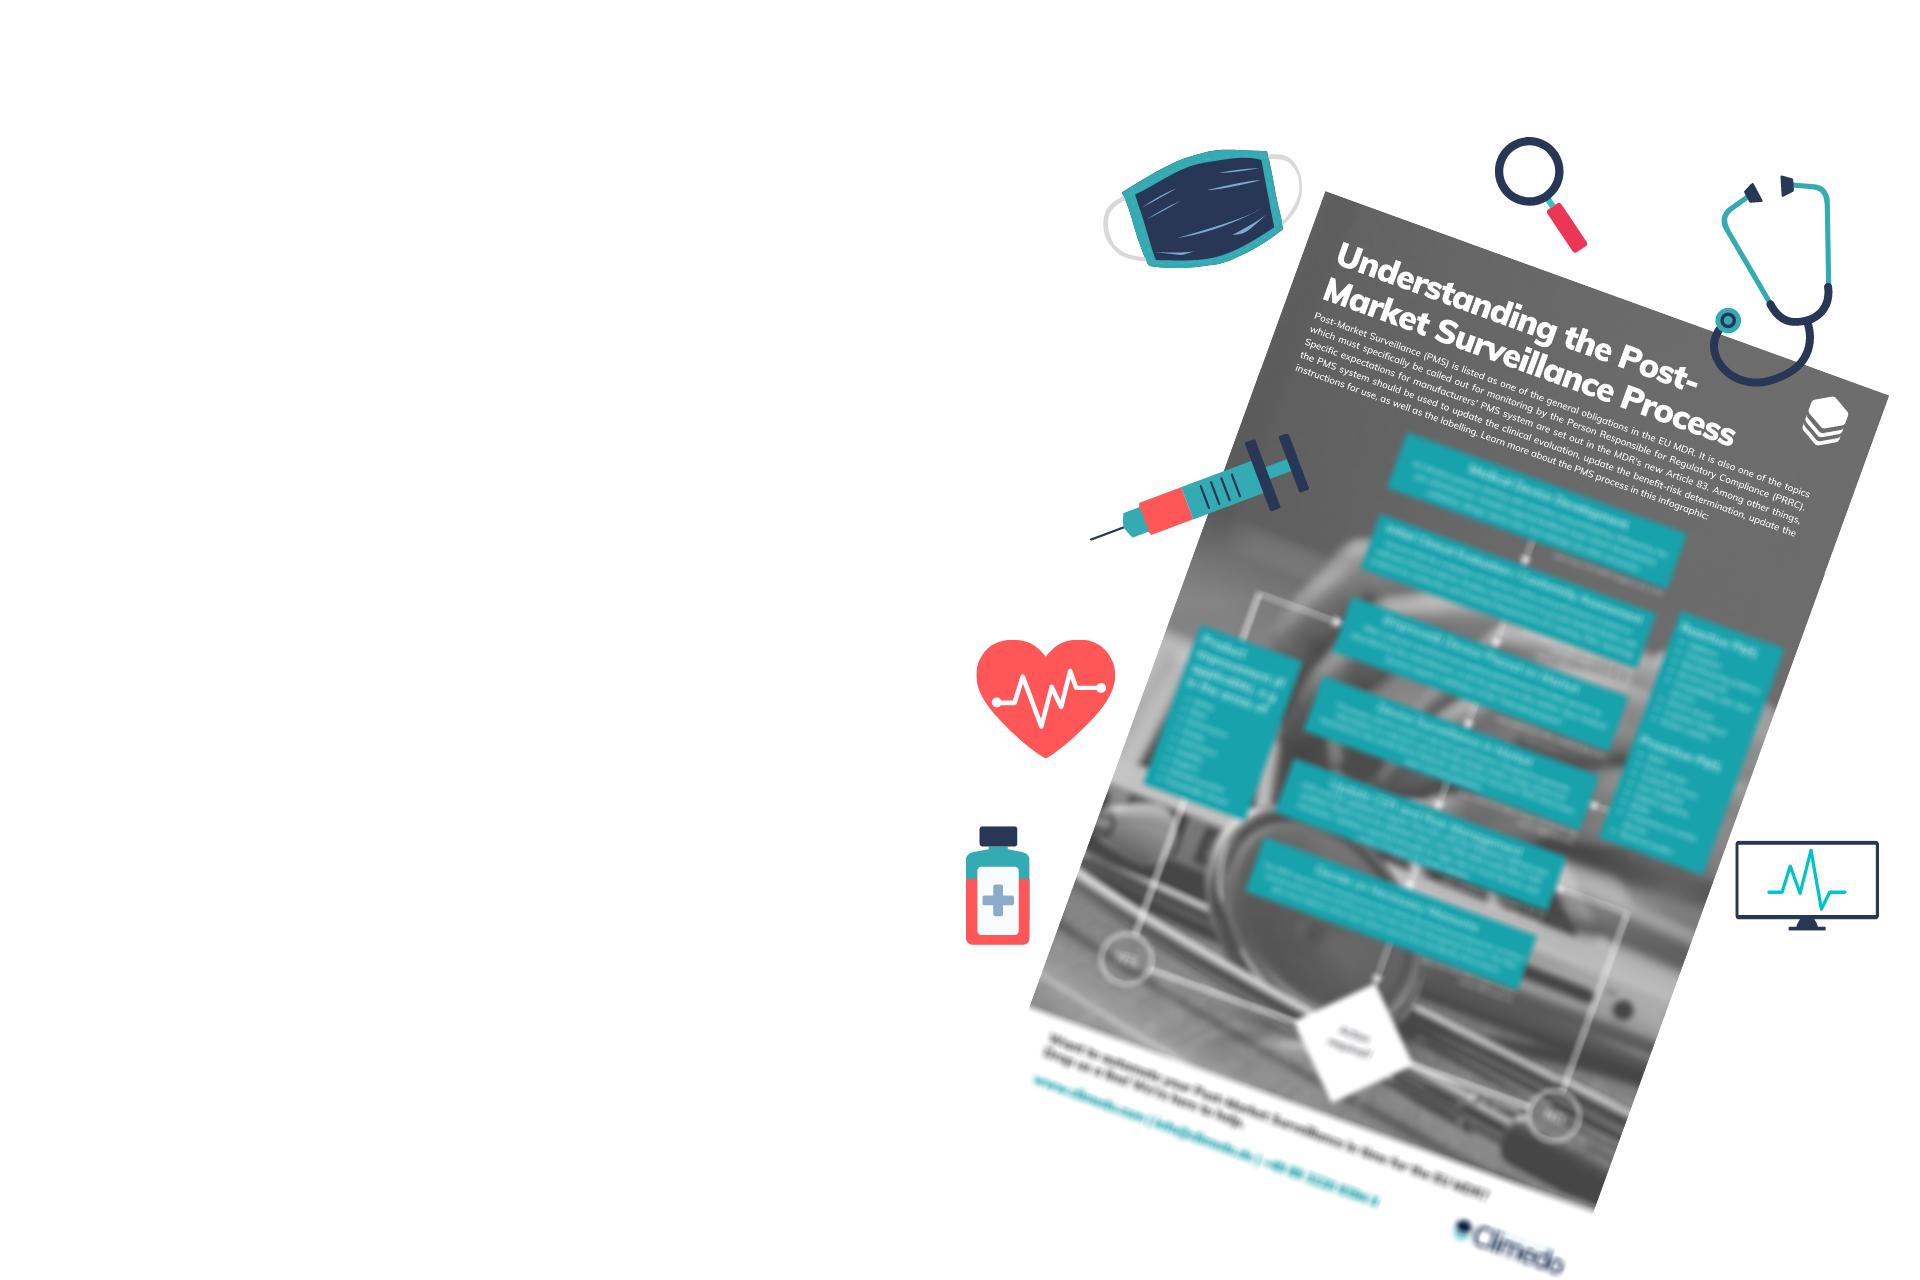 Post market surveillance infographic 2020 EN